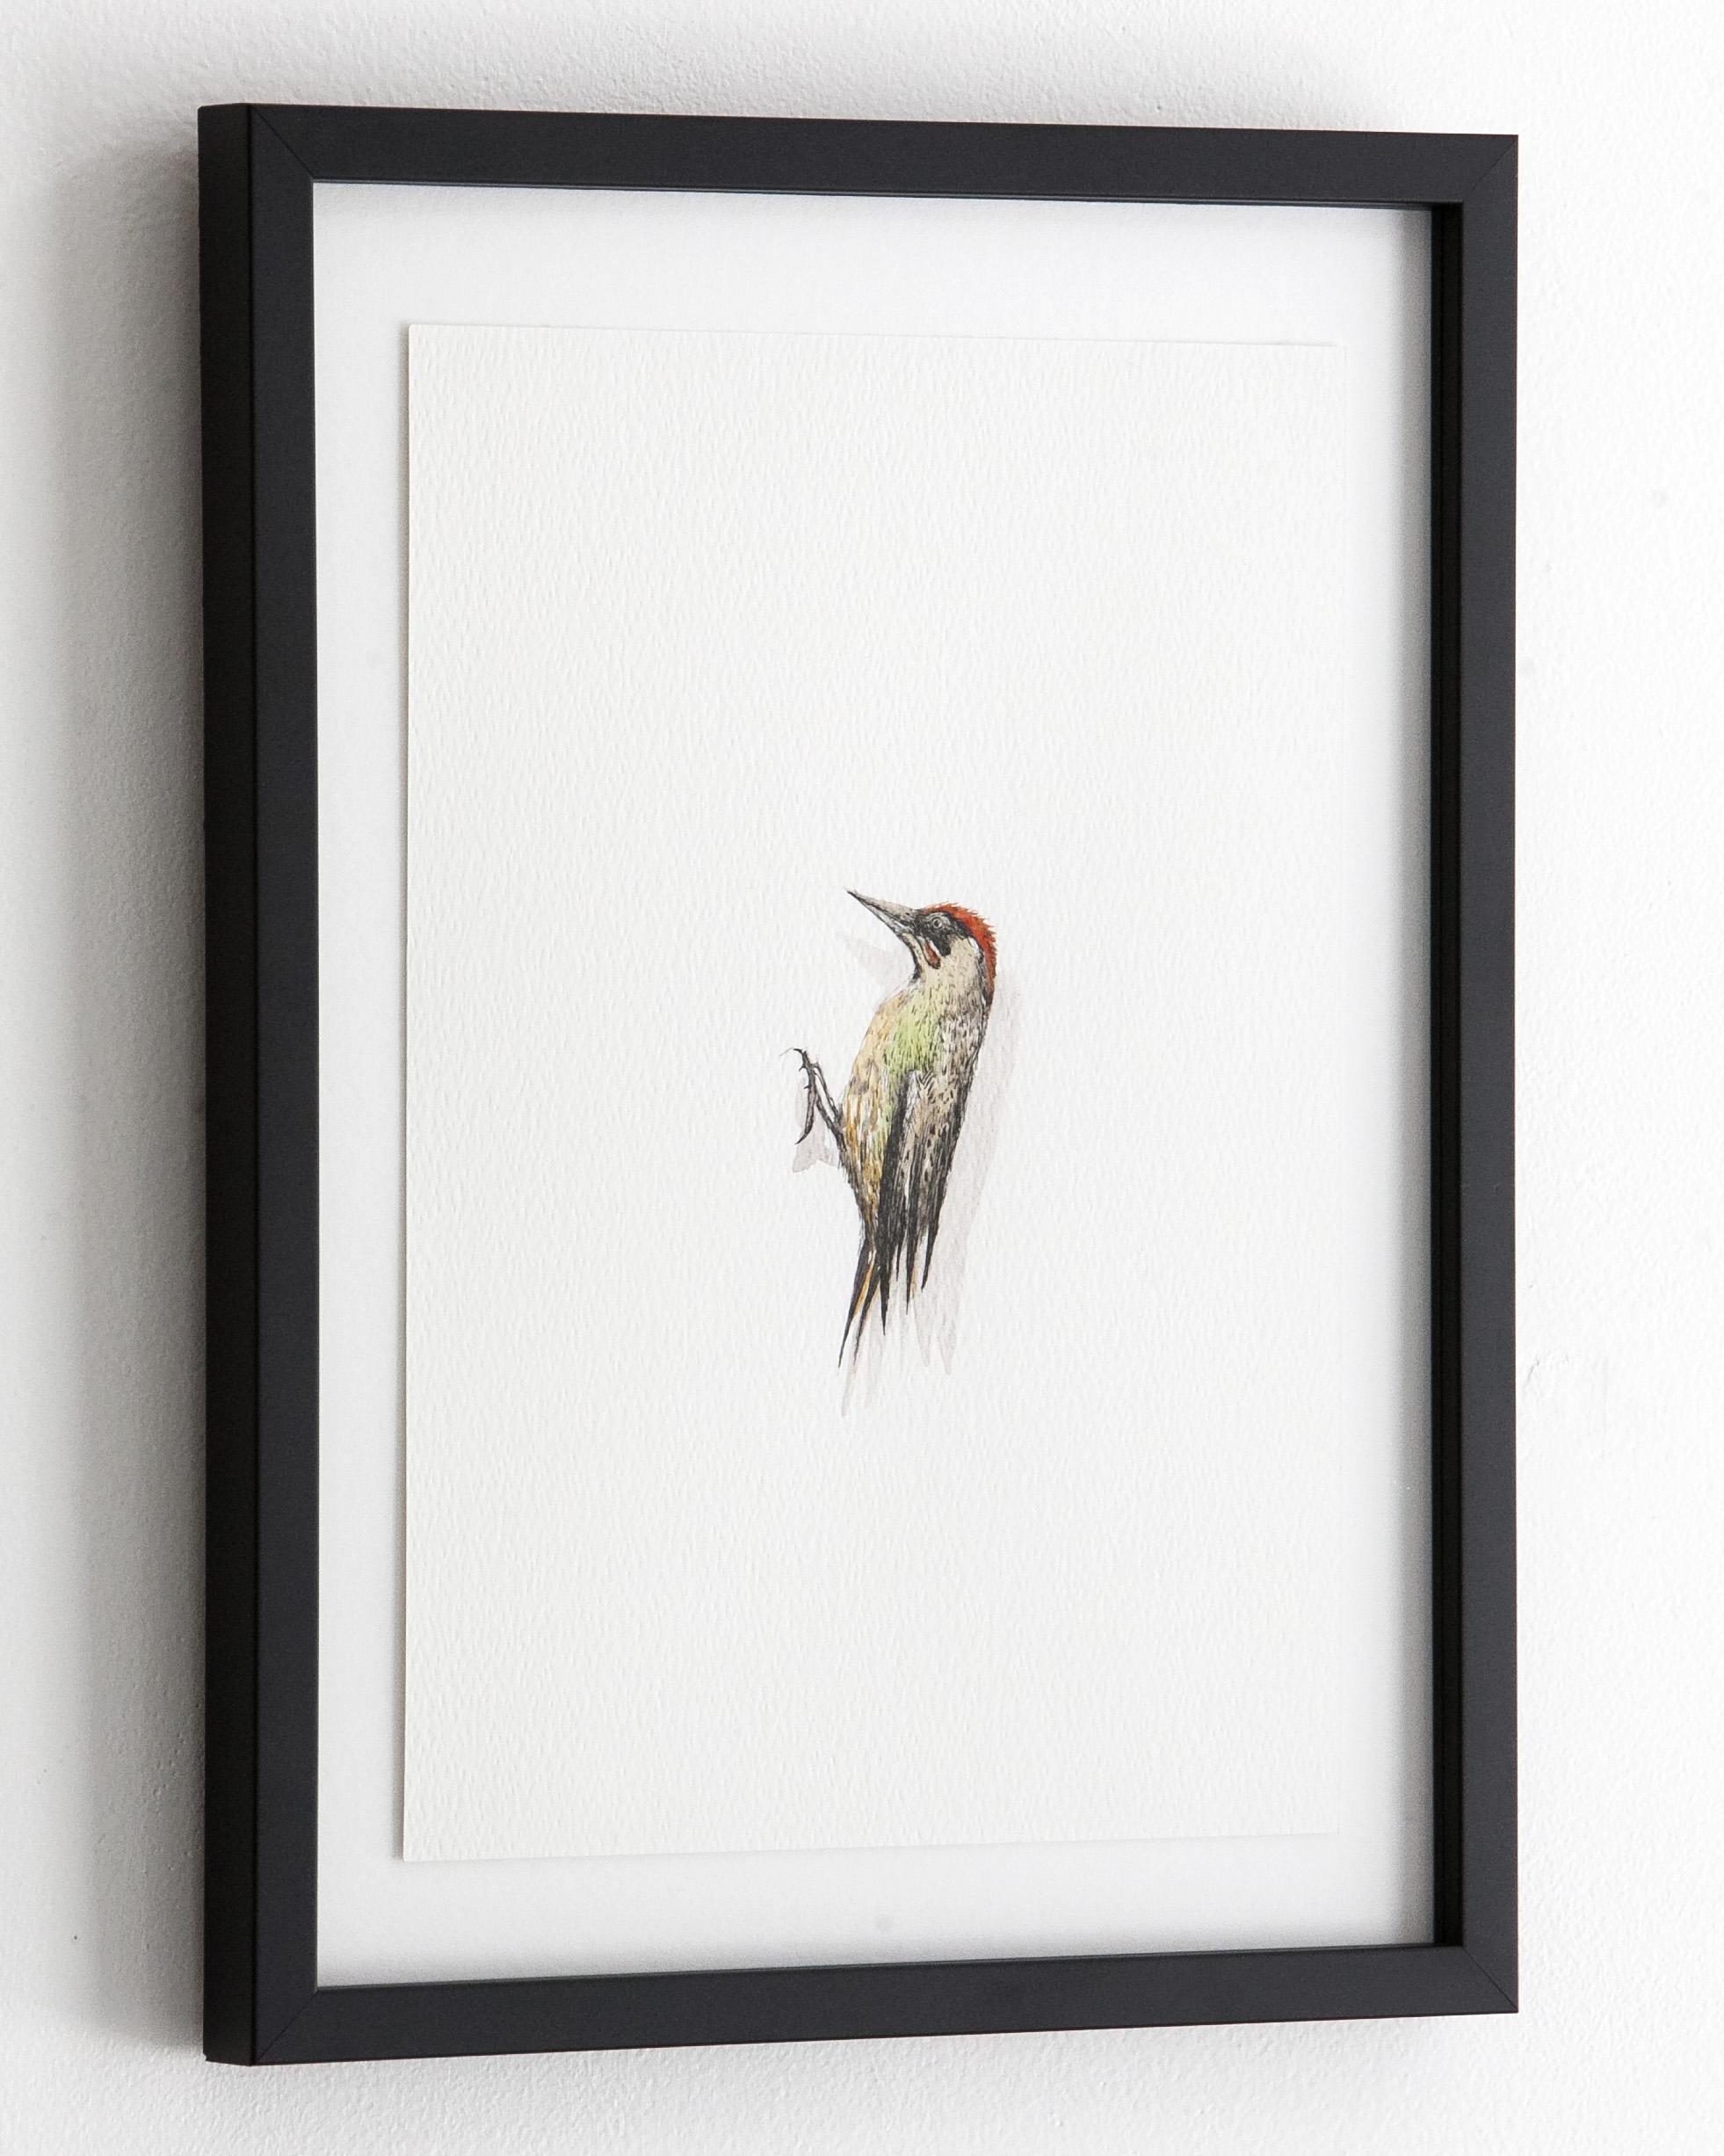 c_bird_7_3.jpg